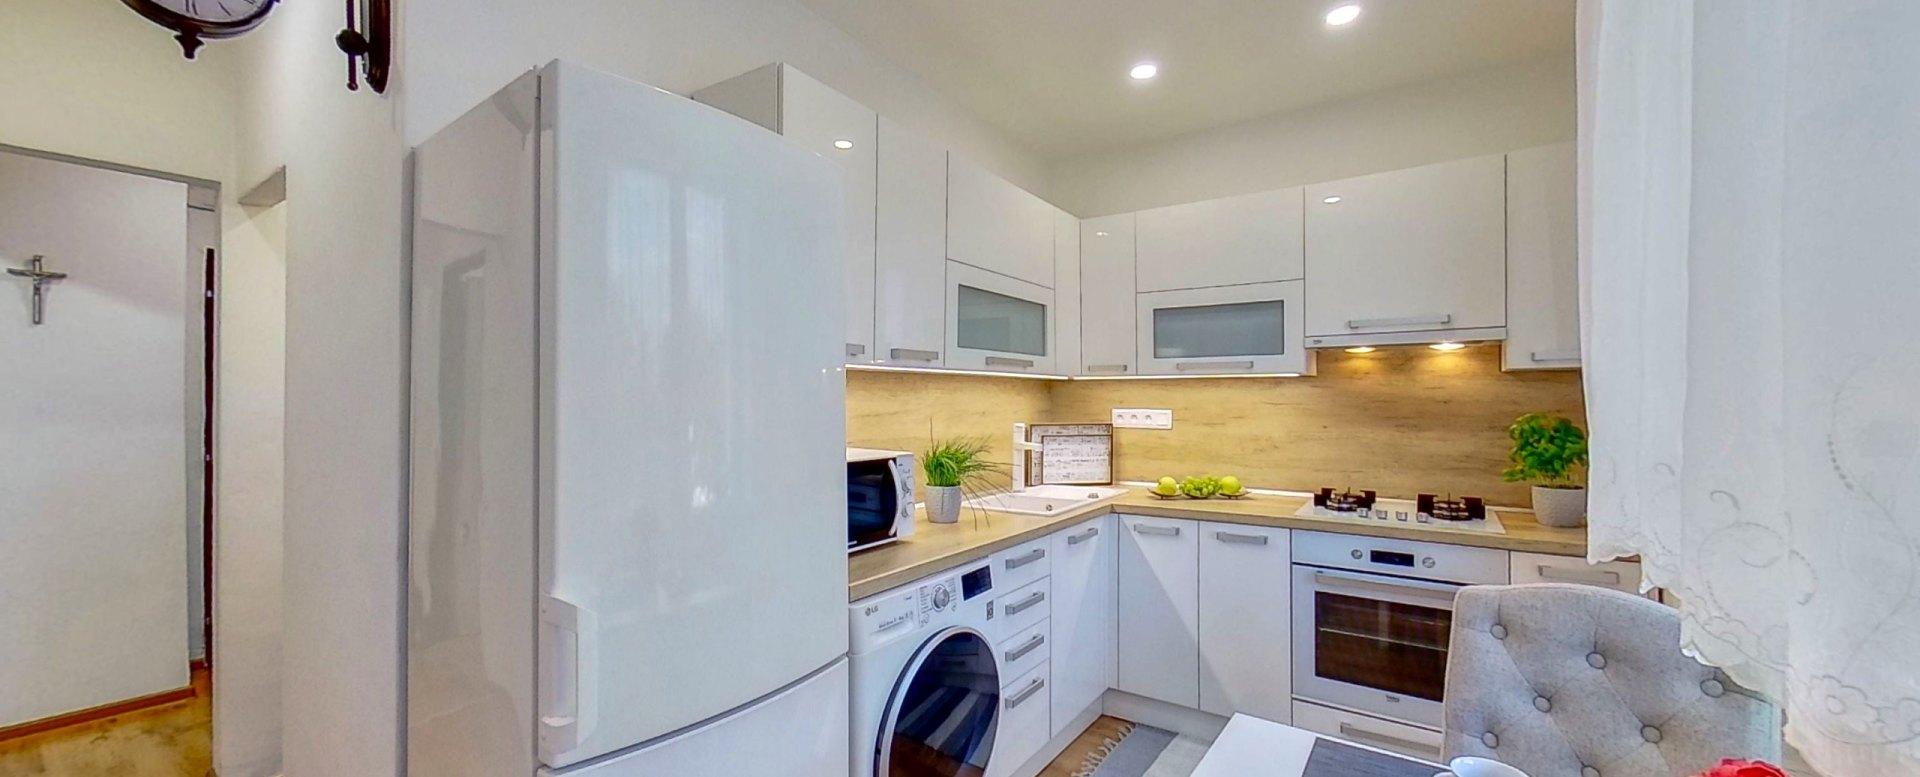 Pohľad na kuchynskú linku a chladničku